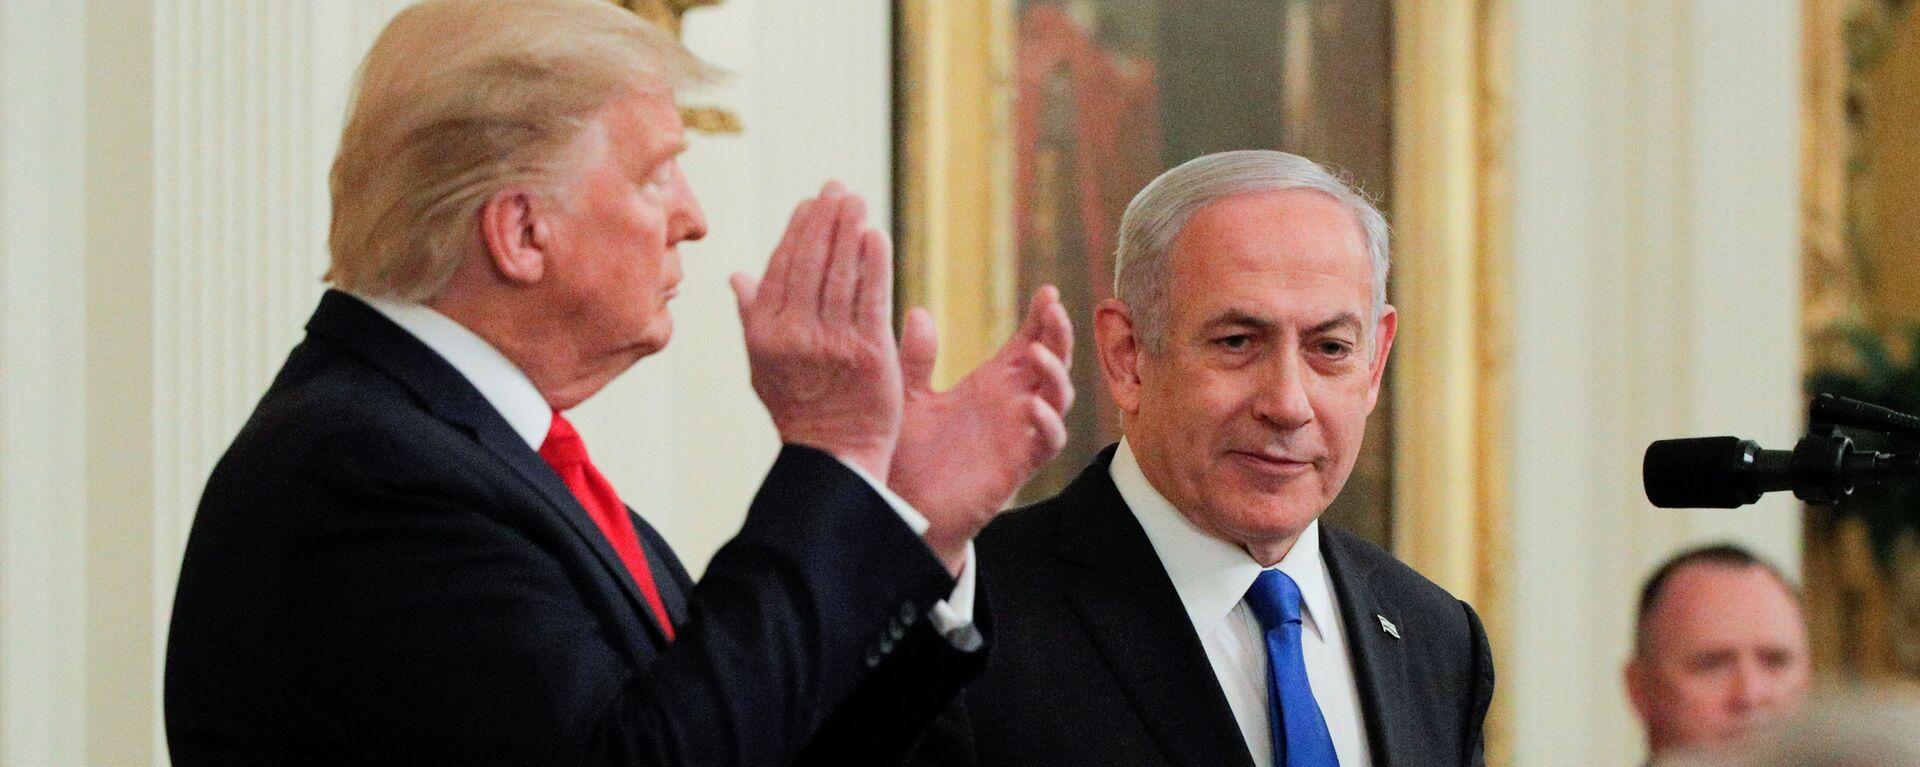 Benjamín Netanyahu, primer ministro de Israel y Donald Trump, presidente de EEUU - Sputnik Mundo, 1920, 08.09.2020